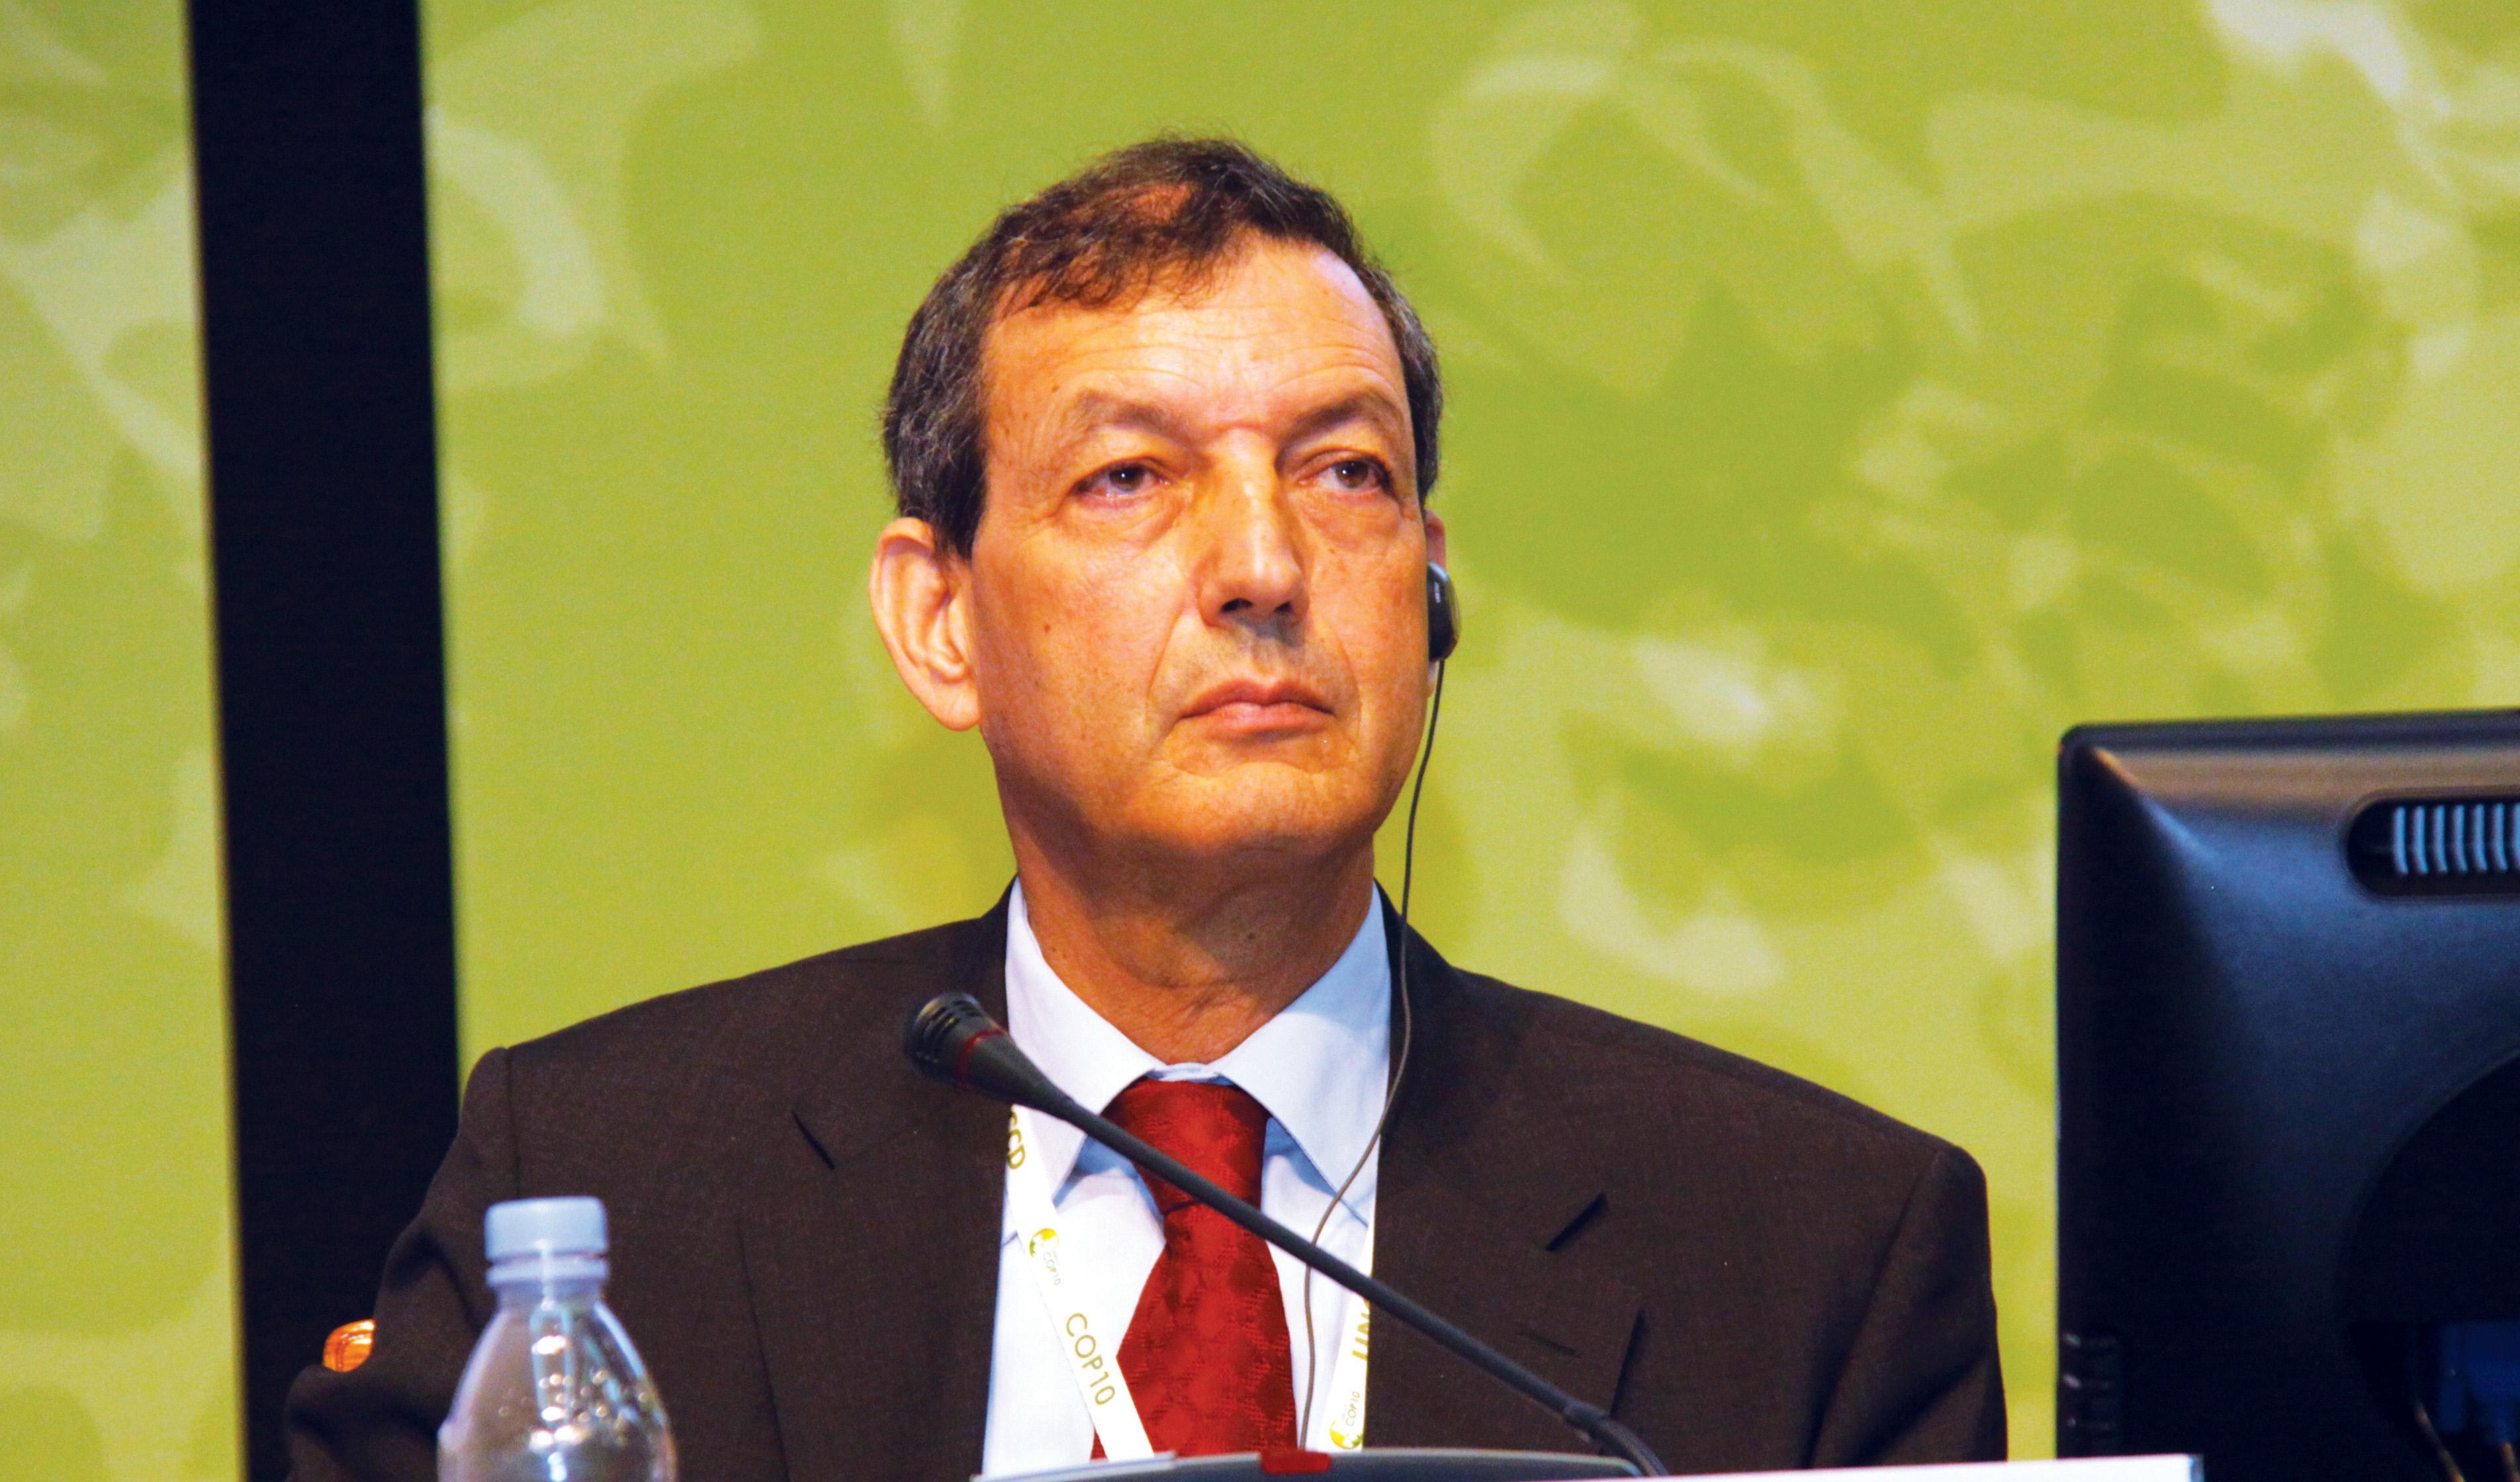 Fondation maison méditerranéenne du climat: Abdeladim Lhafi préside l'AG extraordinaire